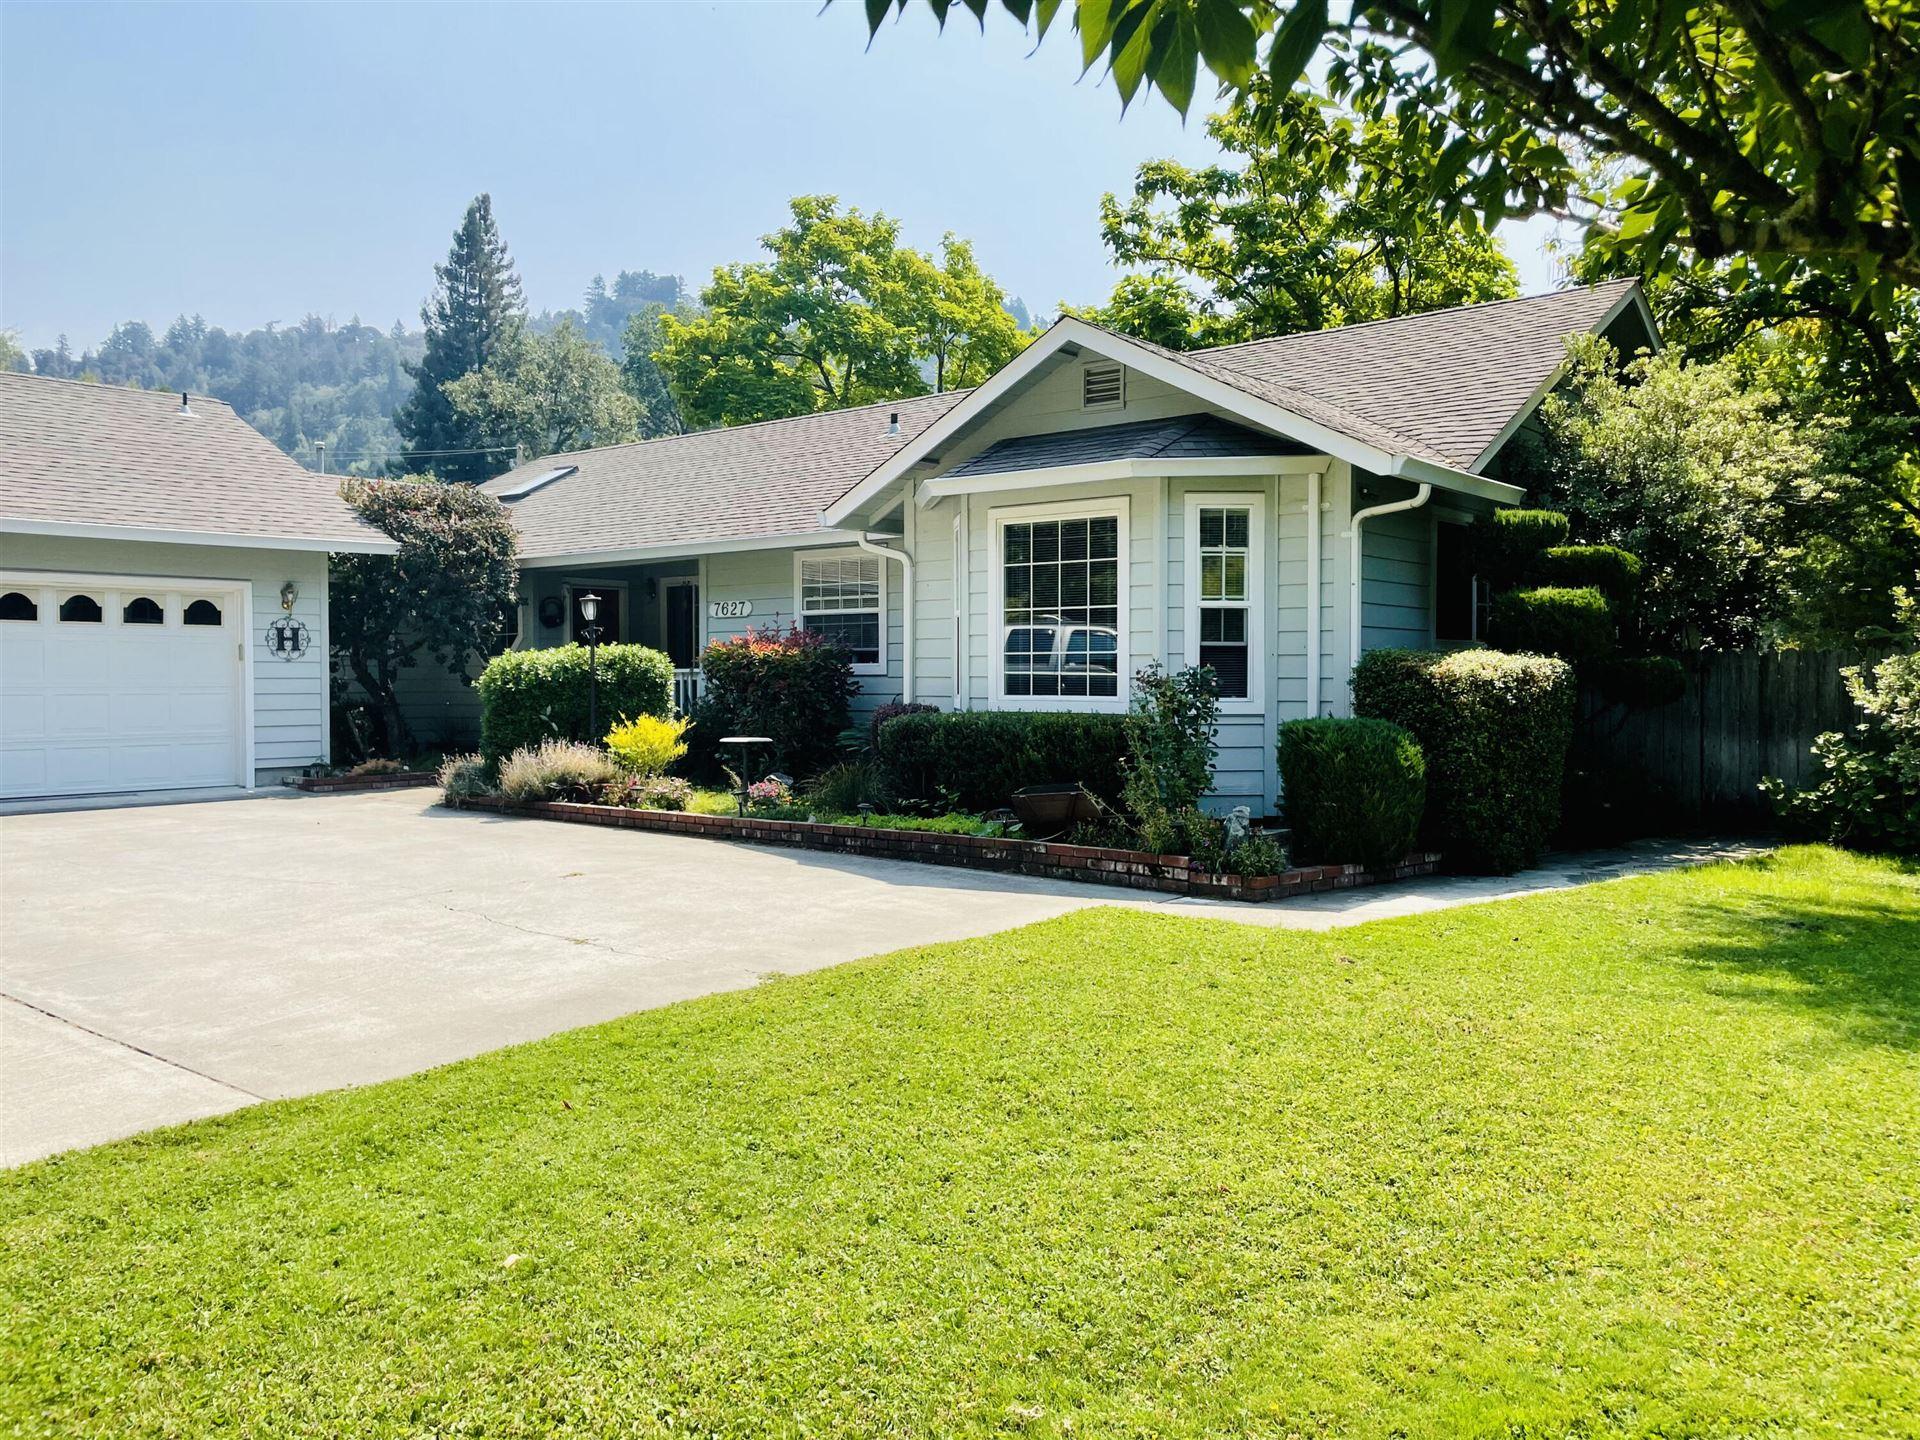 7627 Benbow Drive, Garberville, CA 95542 - MLS#: 259952